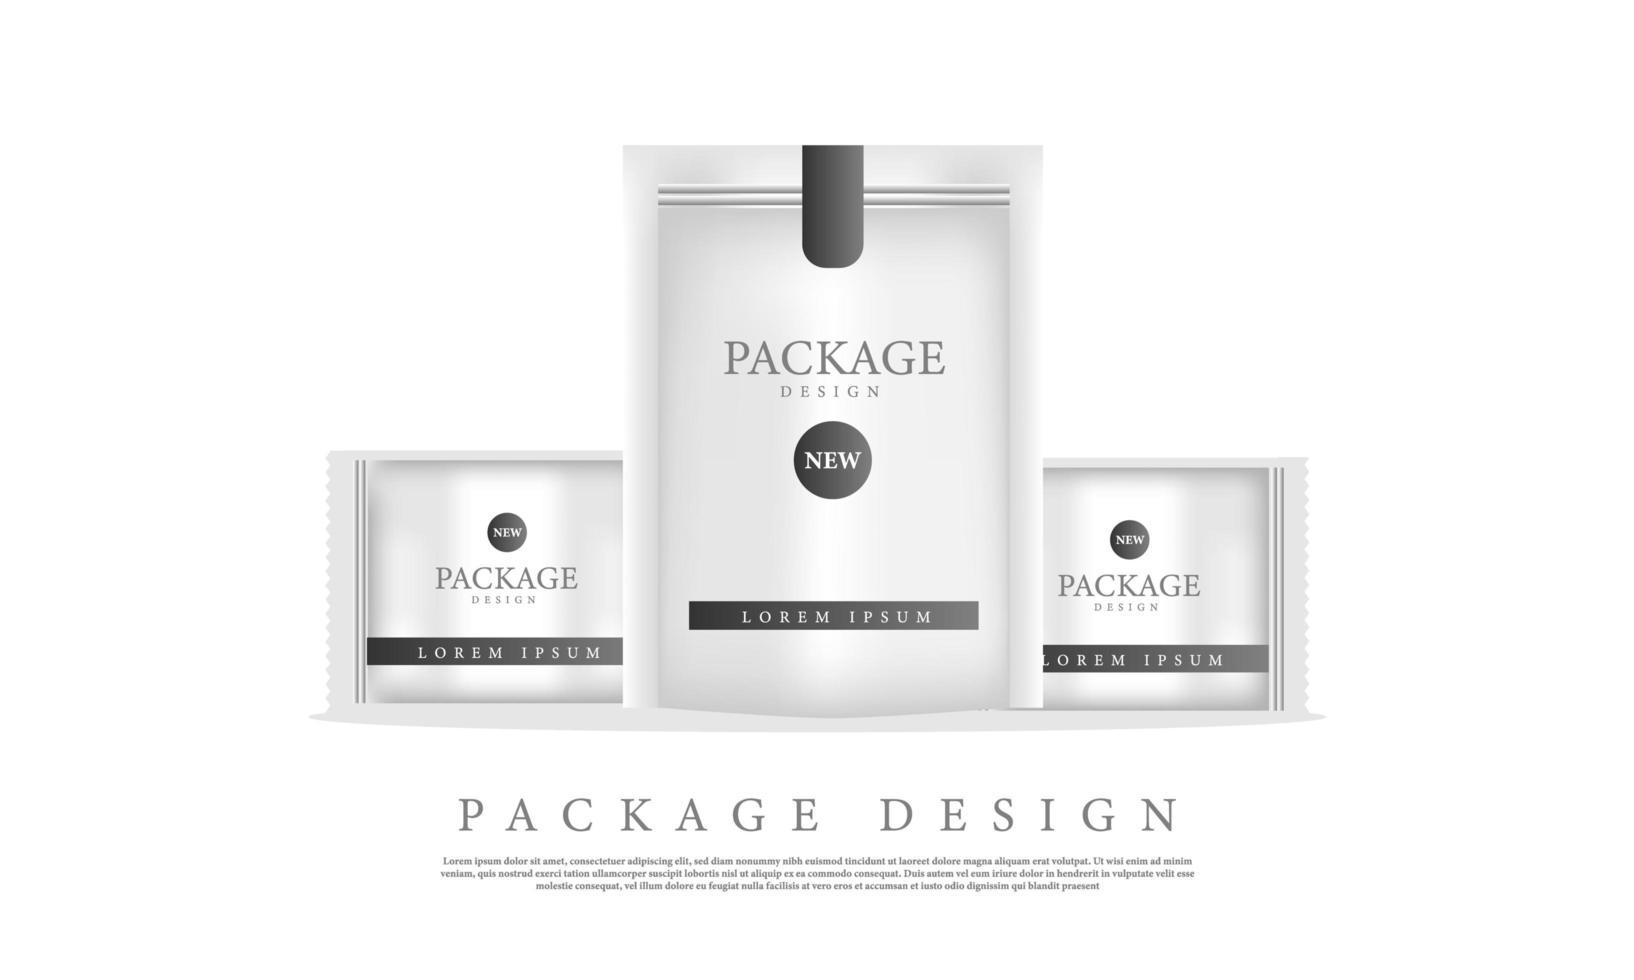 modello di branding del pacchetto mockup vettore